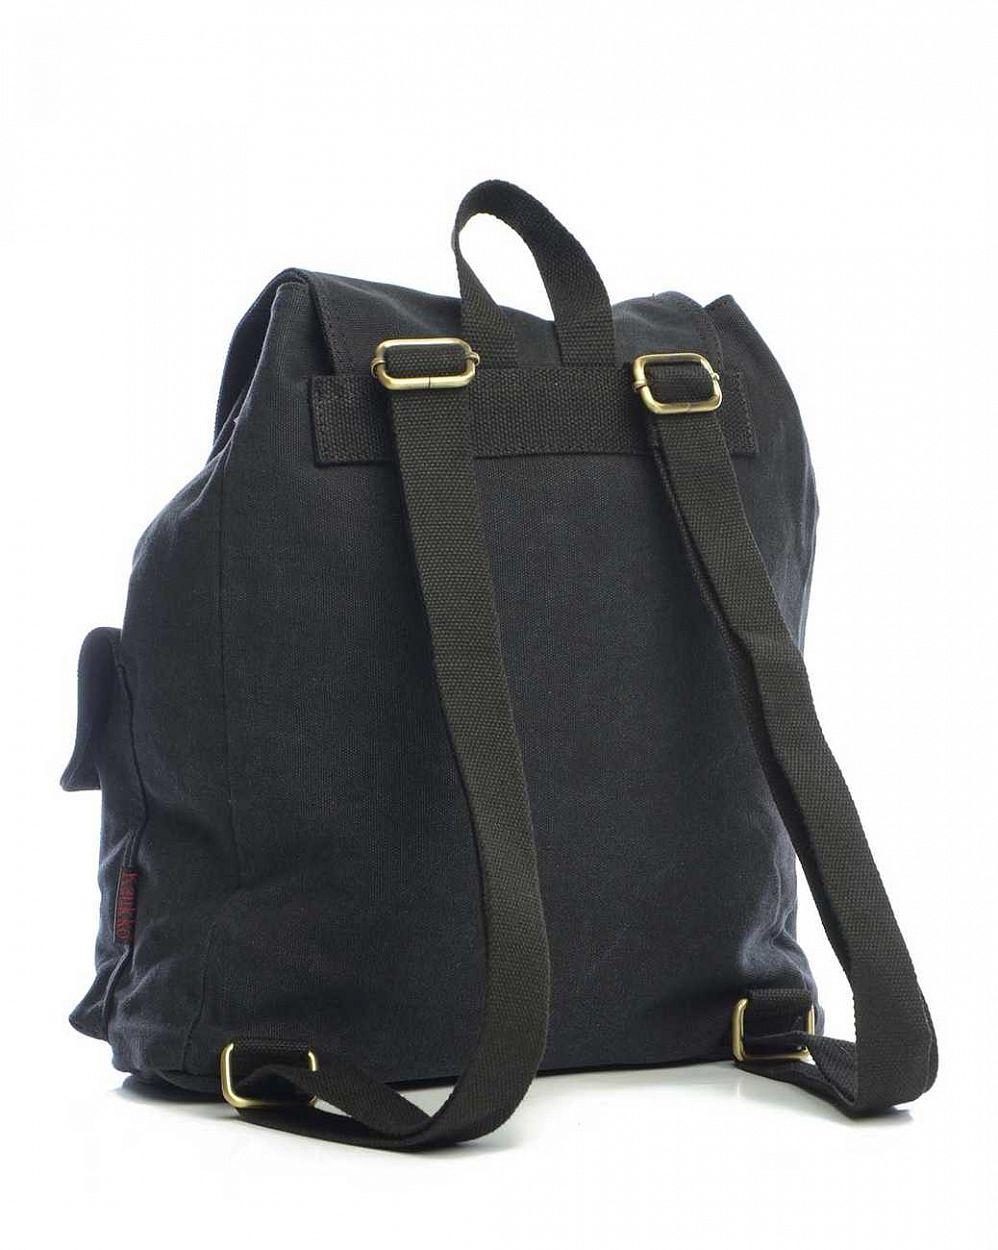 66901787b881 Рюкзак женский городской Kaukko Authentic Bags Co.Ltd FJ17 Black отзывы; 2;  2 ...